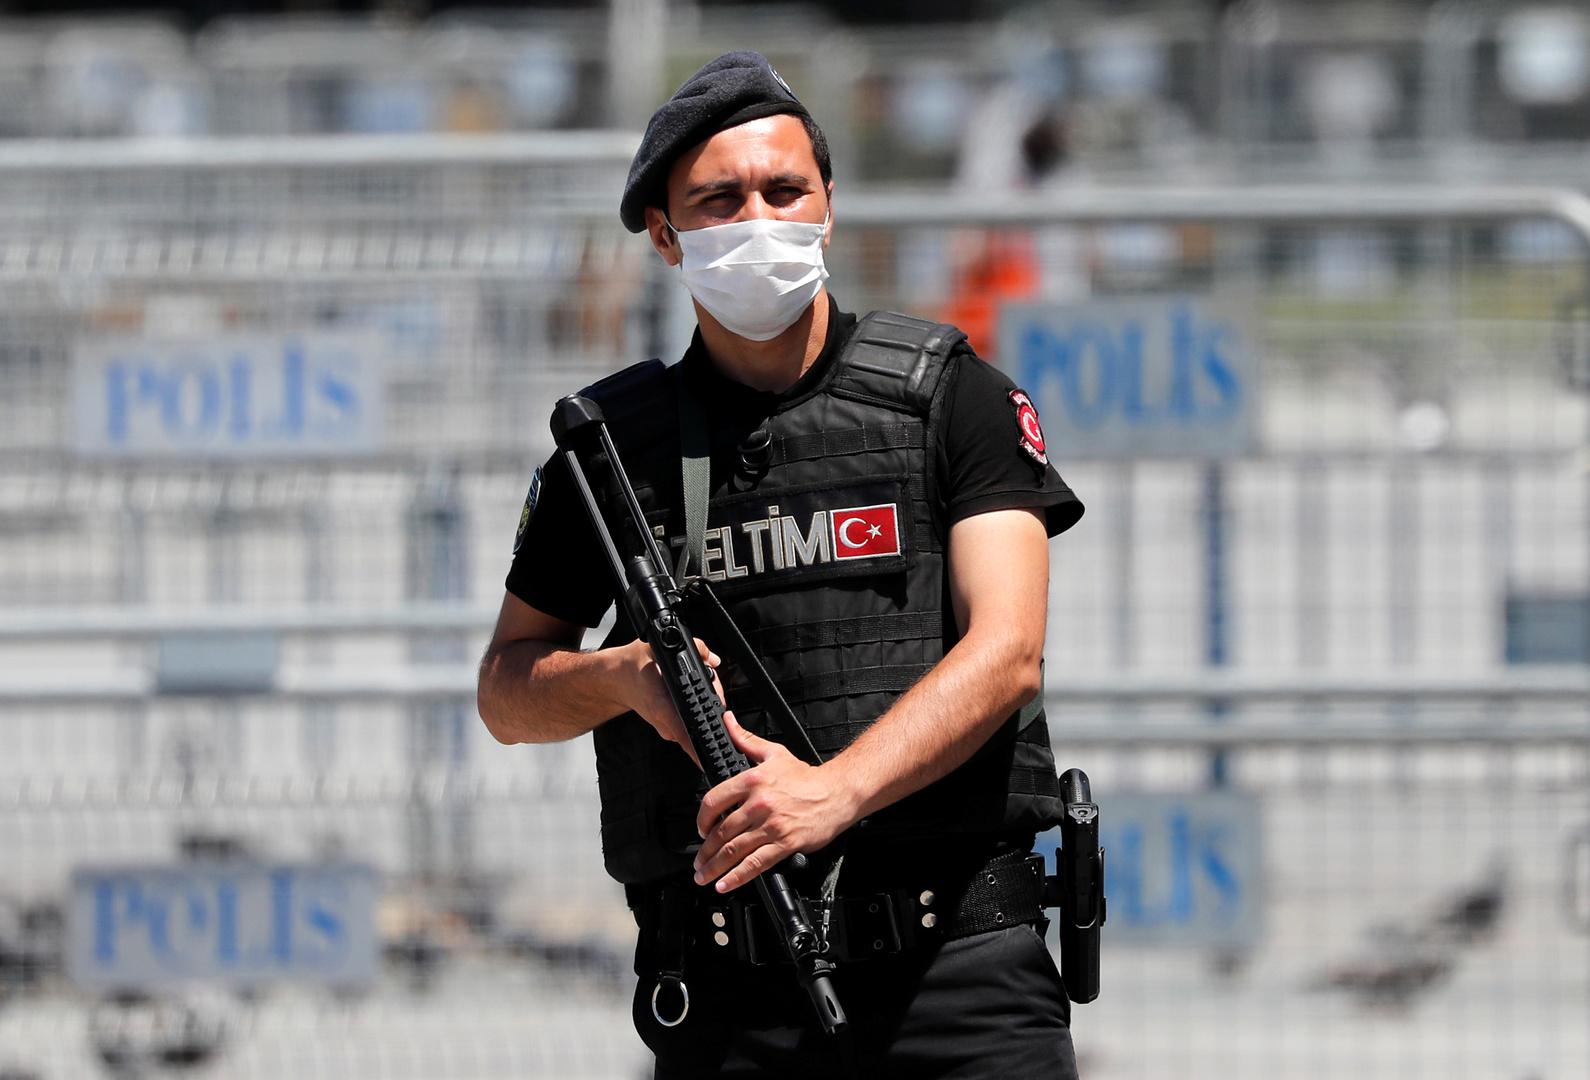 الأمن التركي يوقف 18 مشتبها بانتمائه لداعش جنوب البلاد